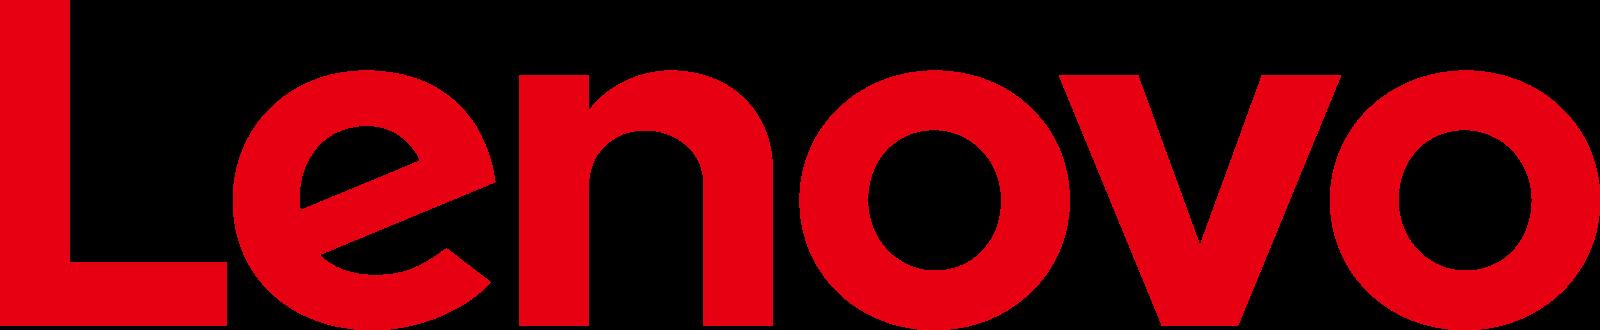 lenovo logo 4 - Lenovo Logo